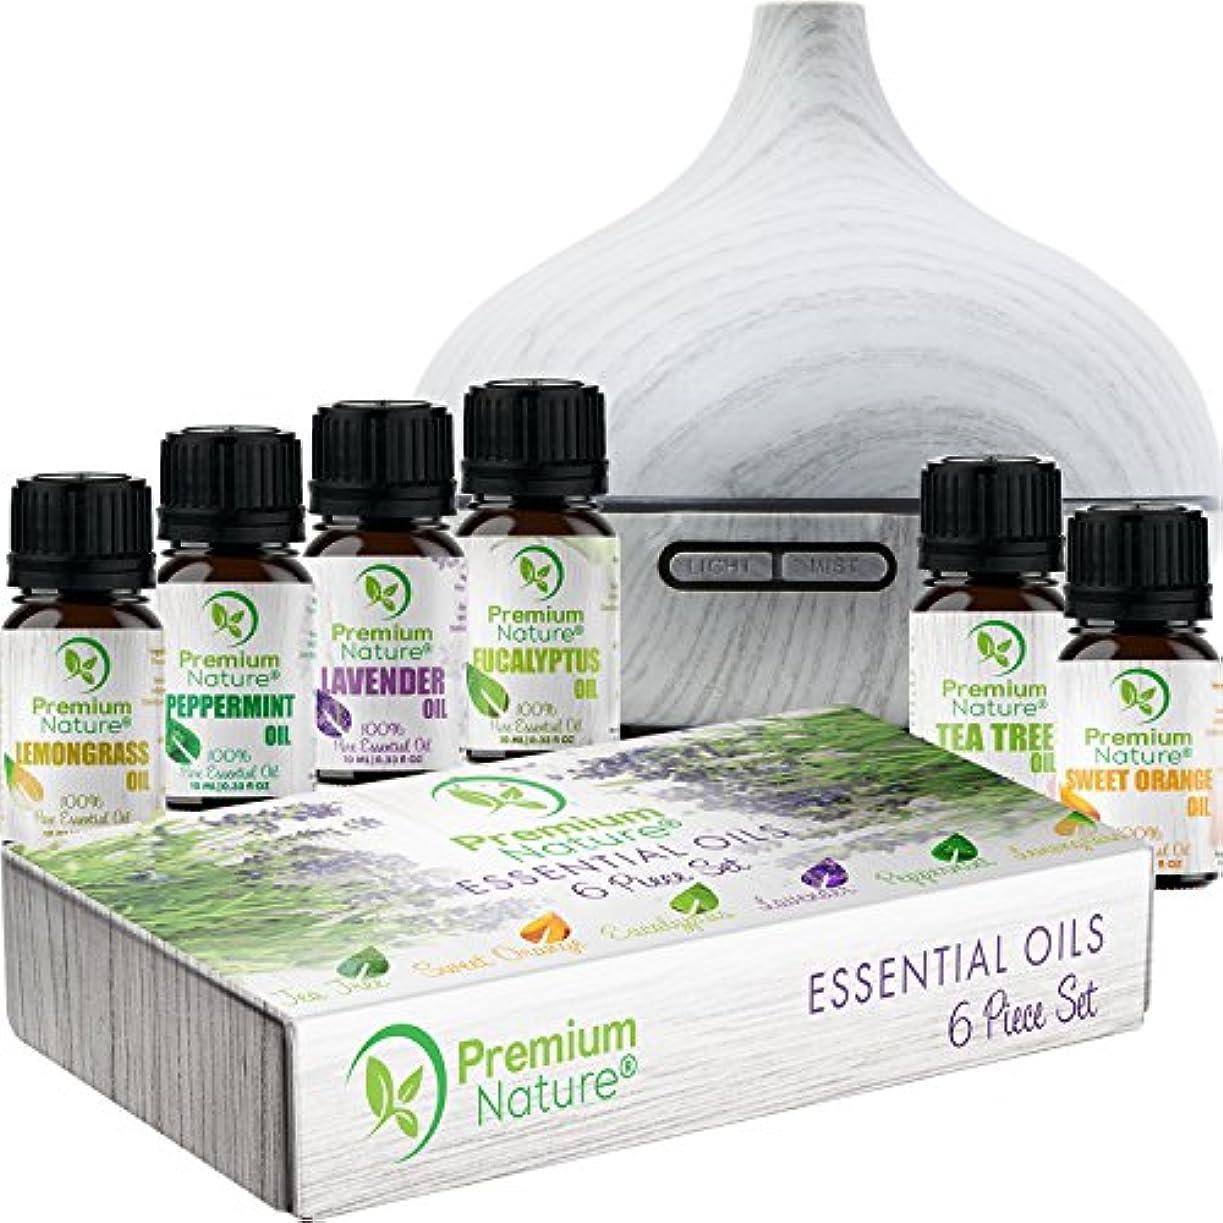 口径筋美容師Aromatherapy Essential Oil & Diffuser Gift Set – 250 mlタンク& Top 6 Oils – Therapeutic Grade – ペパーミント、ティーツリー、レモングラス...